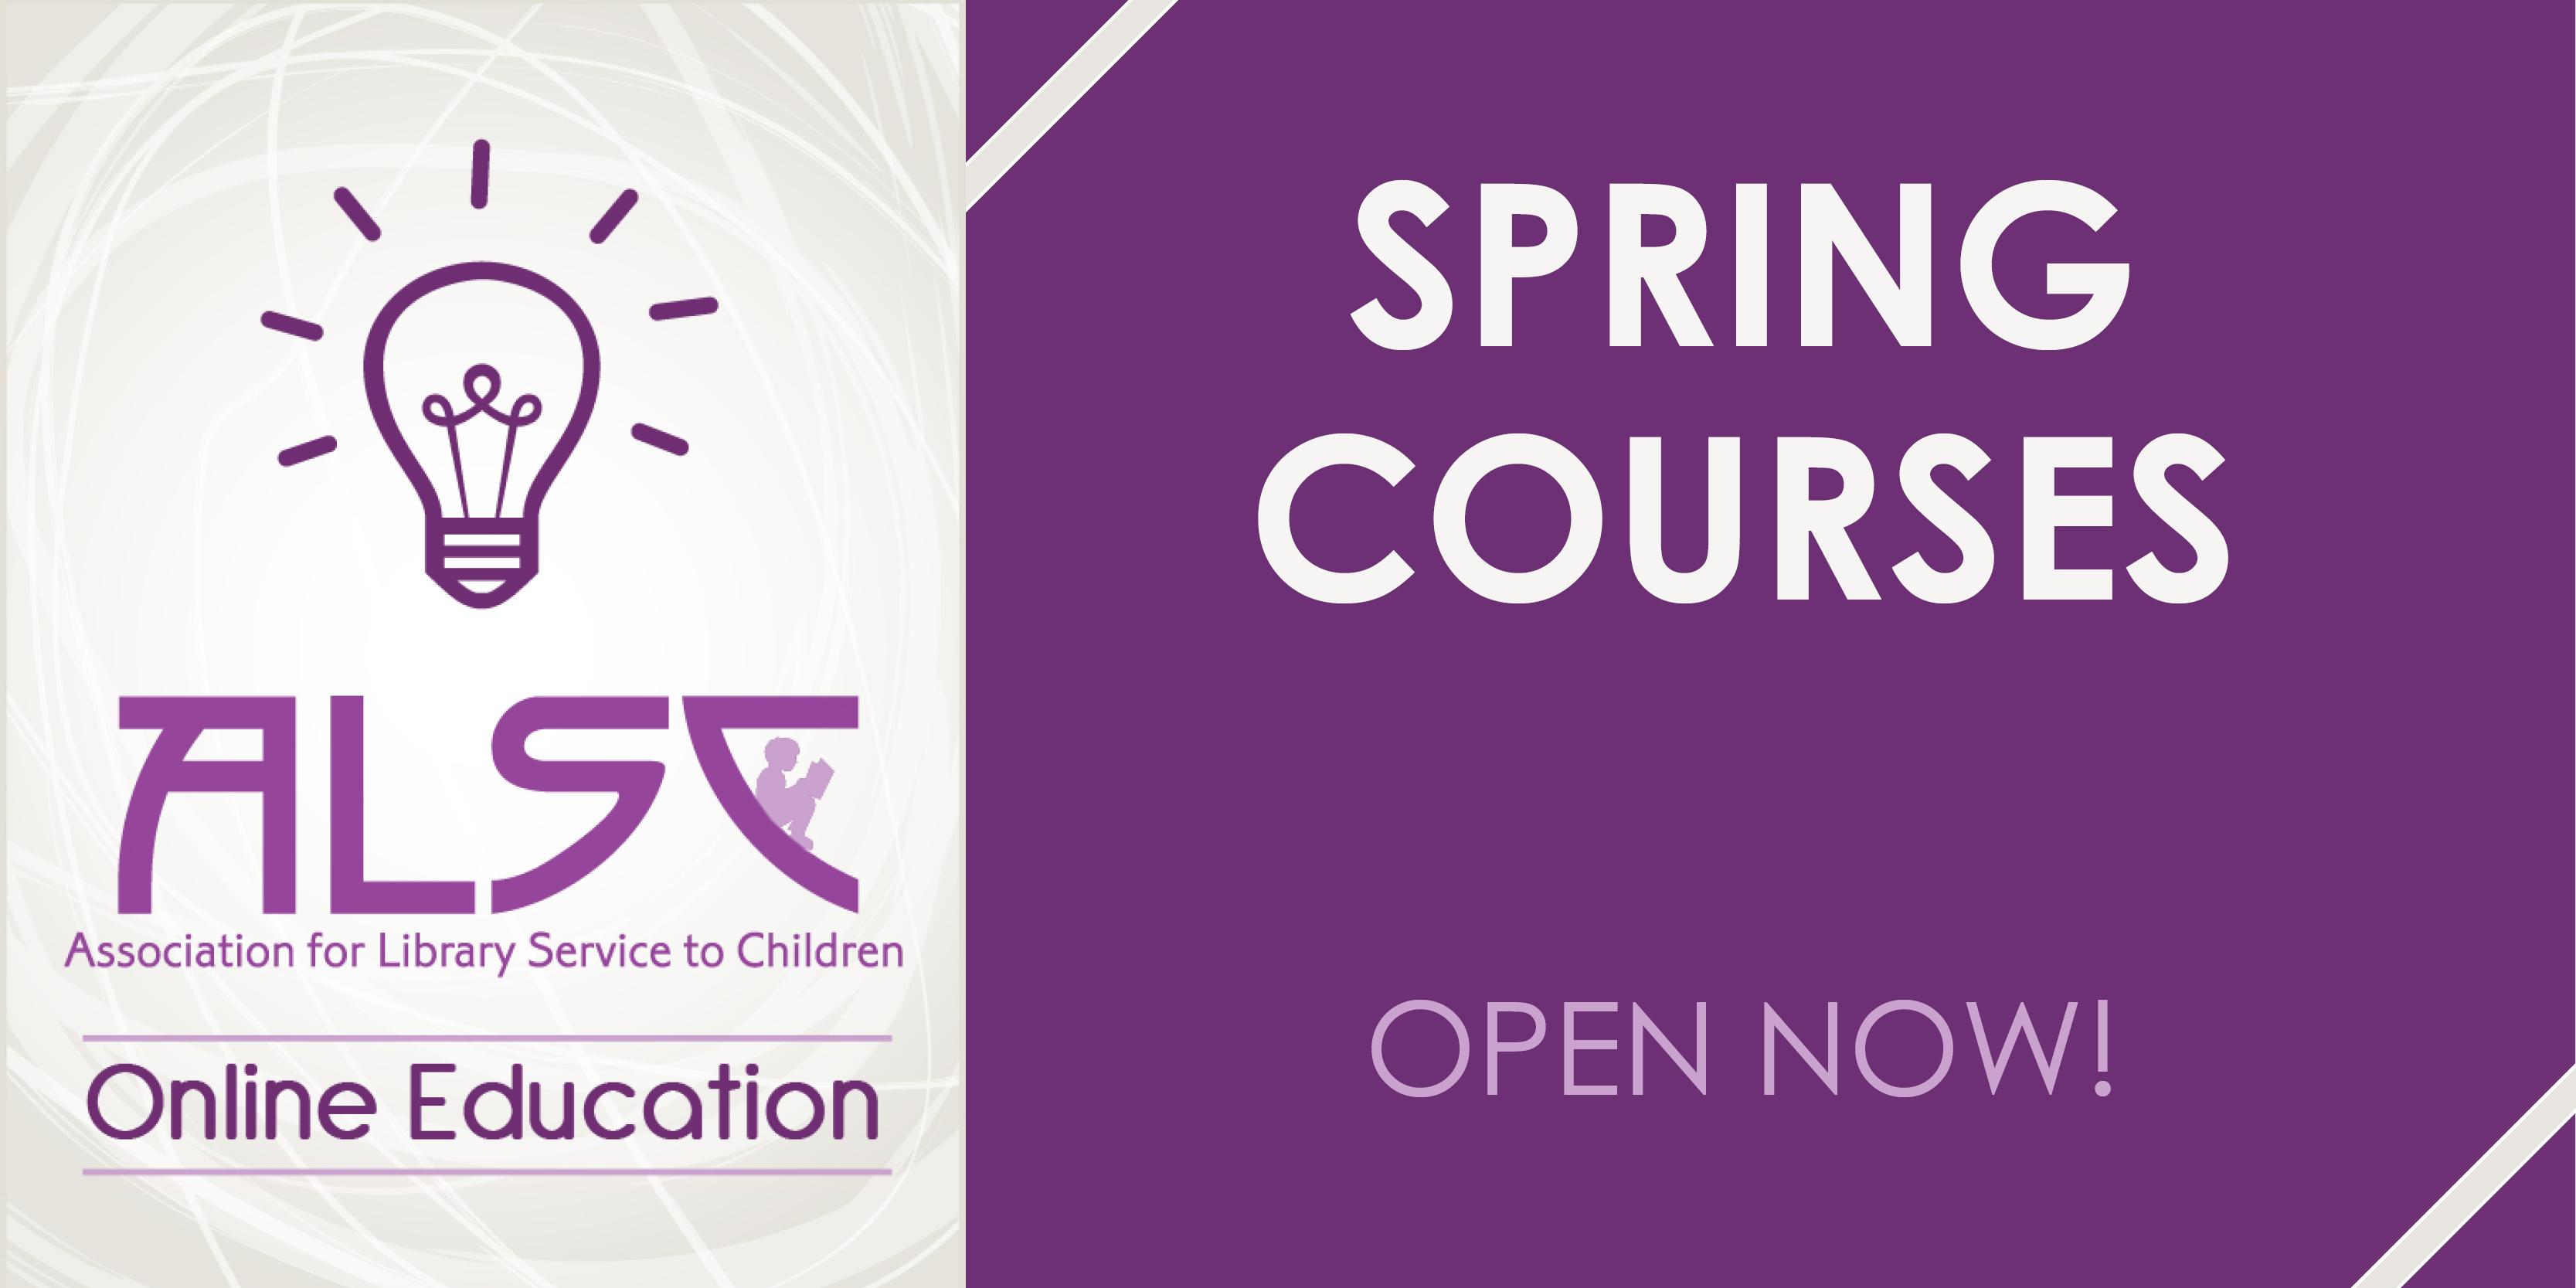 ALSC Spring Courses